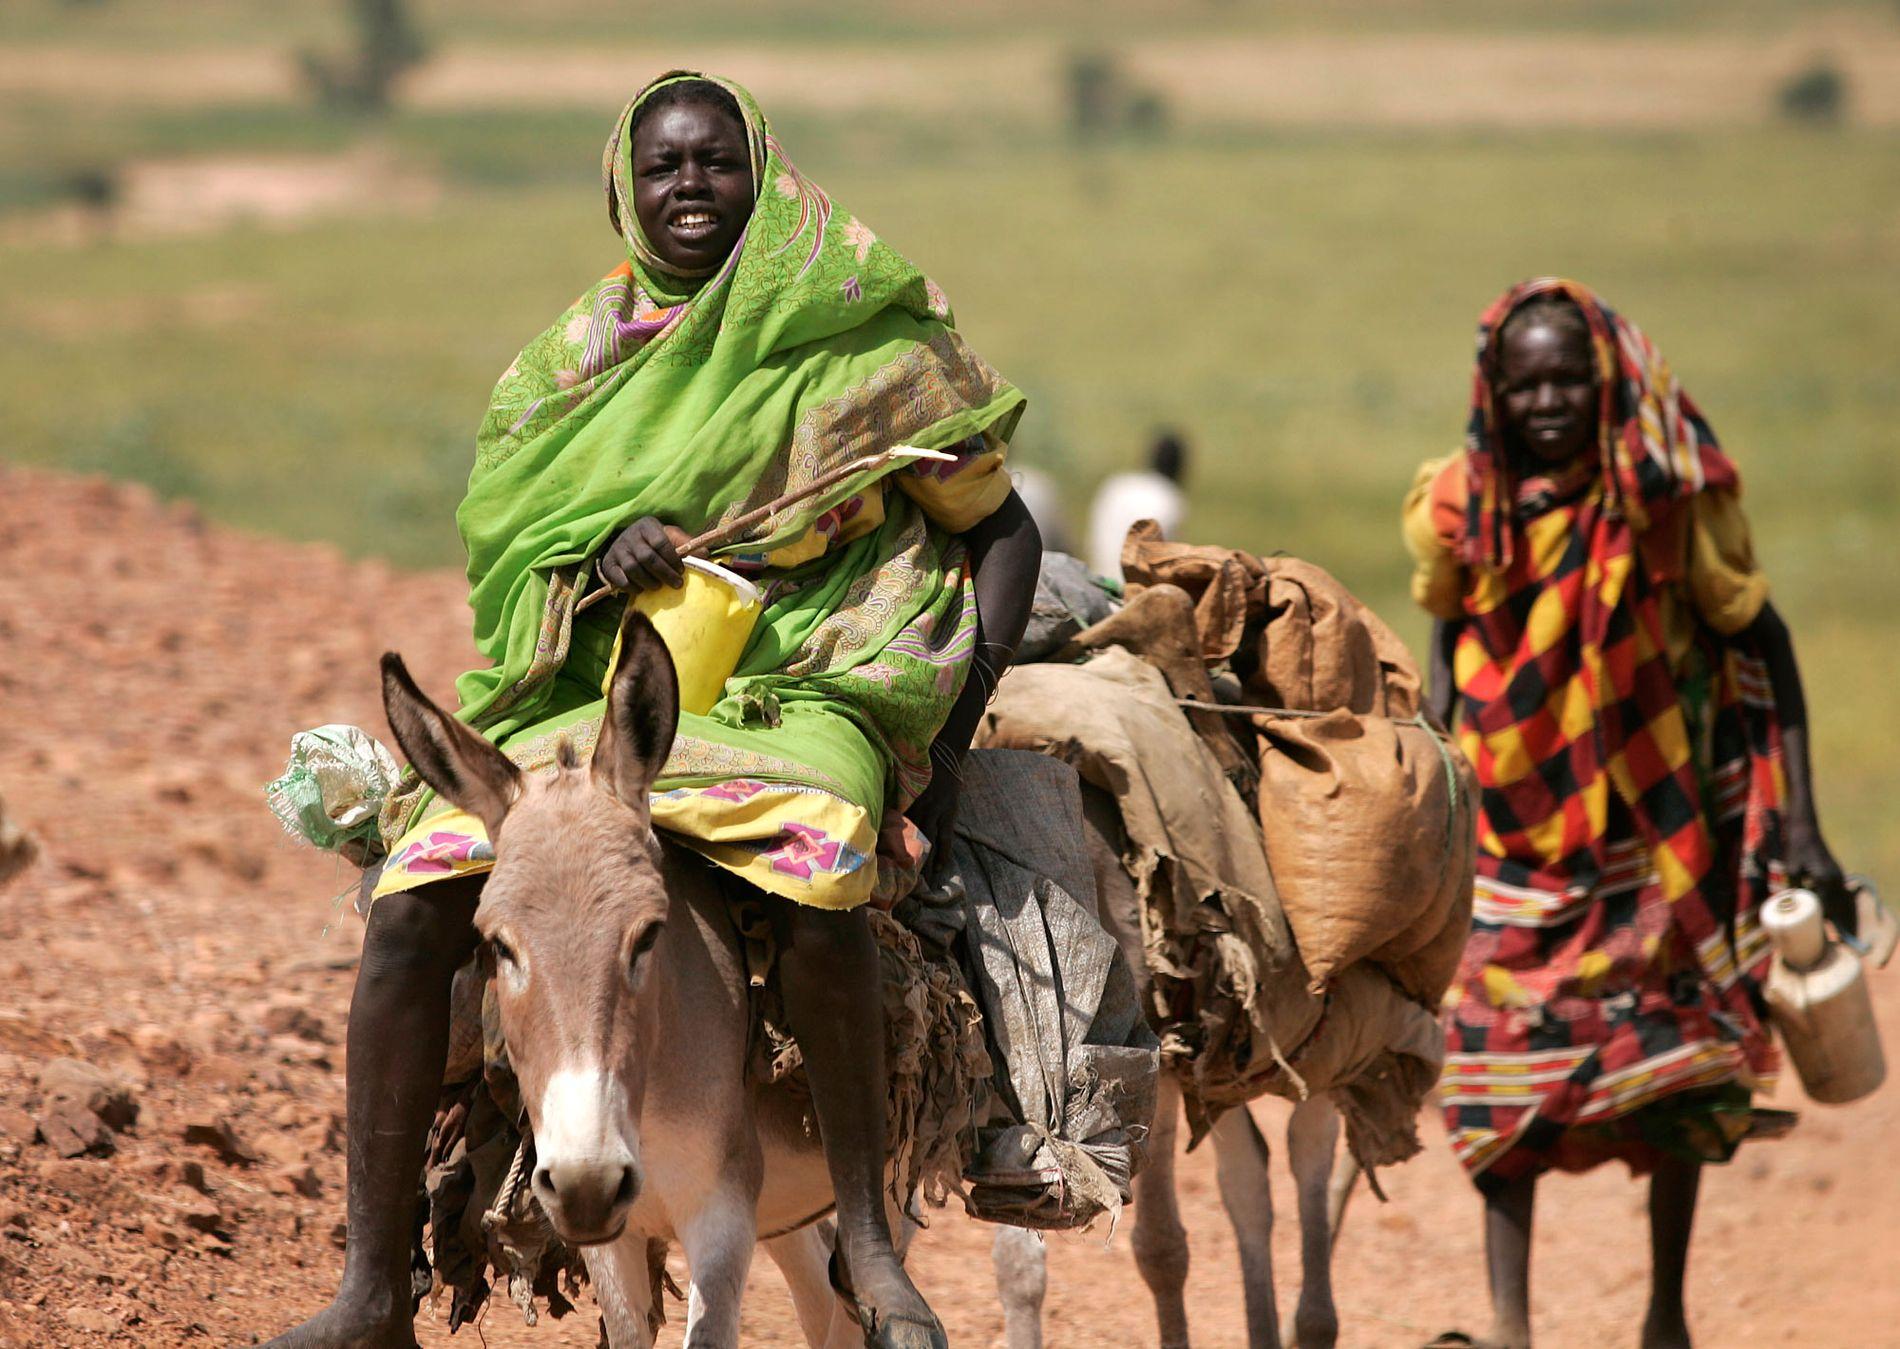 DARFUR: Hundretusener skal ha mistet livet under terroren mot sivilbefolkningen i Darfur. Sudans avsatte president, Omar al-Bashir, planla og utførte folkmordet i den sudanske provinsen, ifølge den internasjonale domstolen i Haag.